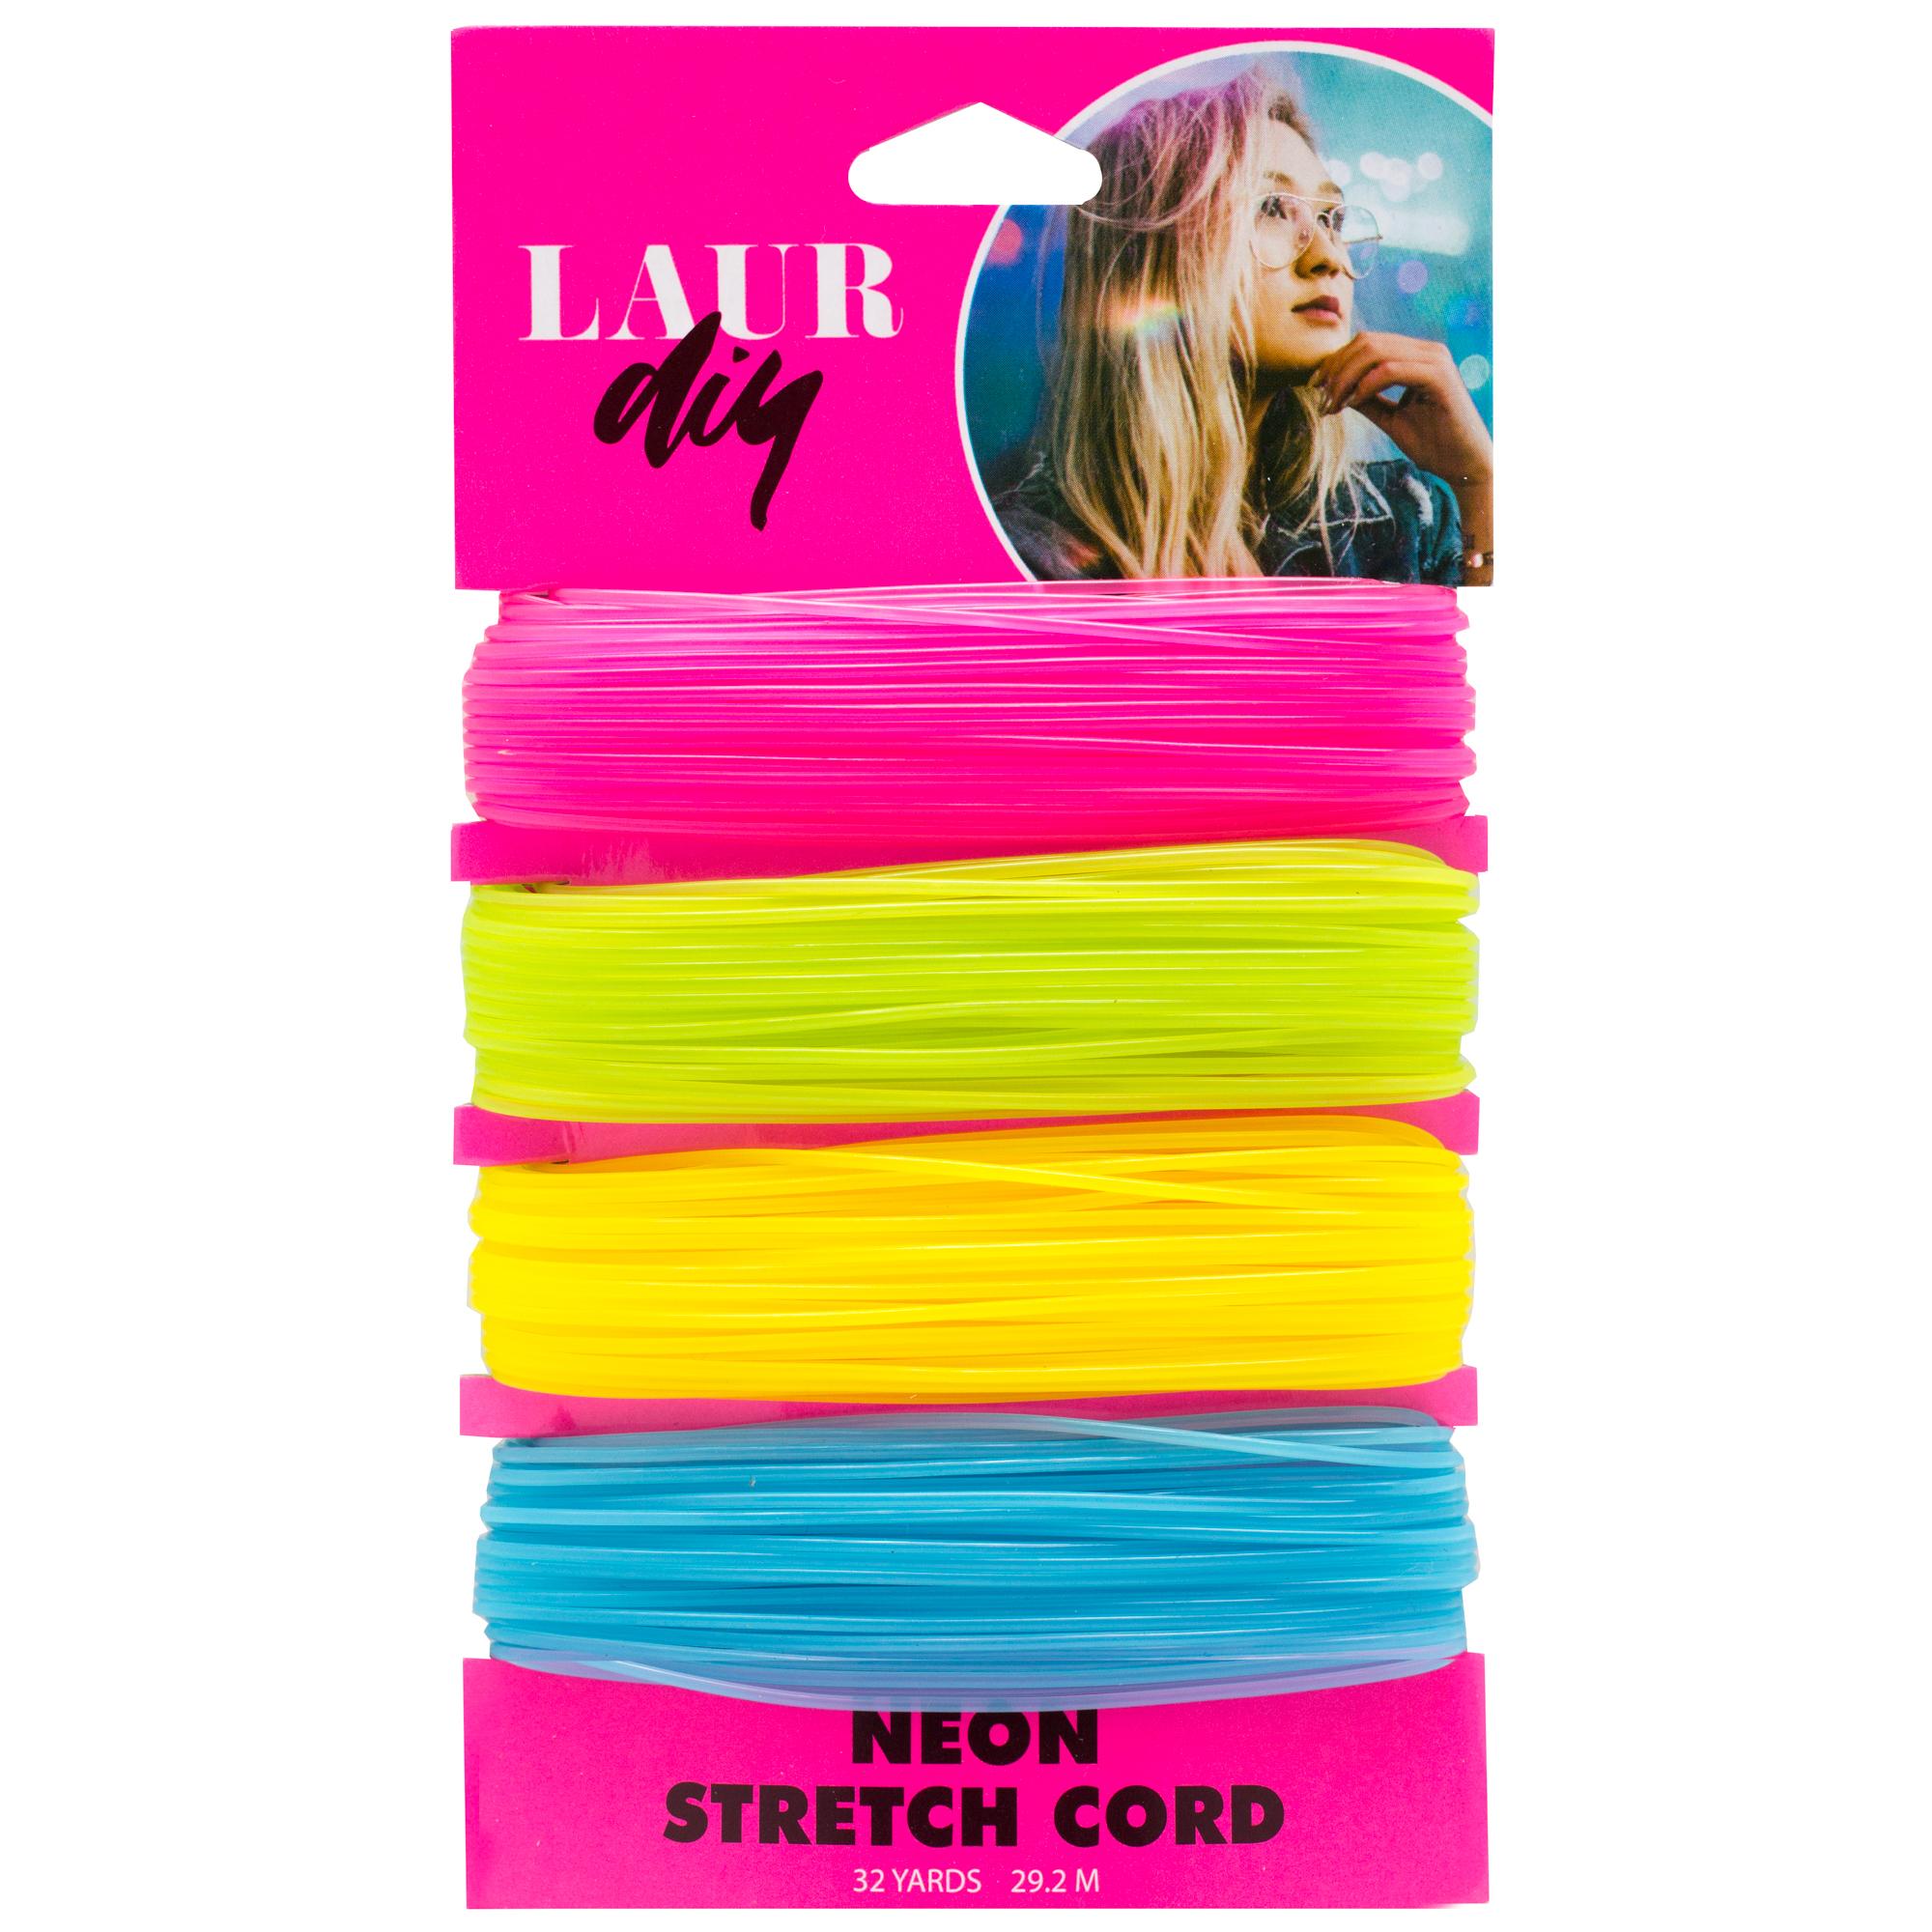 LaurDIY Neon Stretch Cord